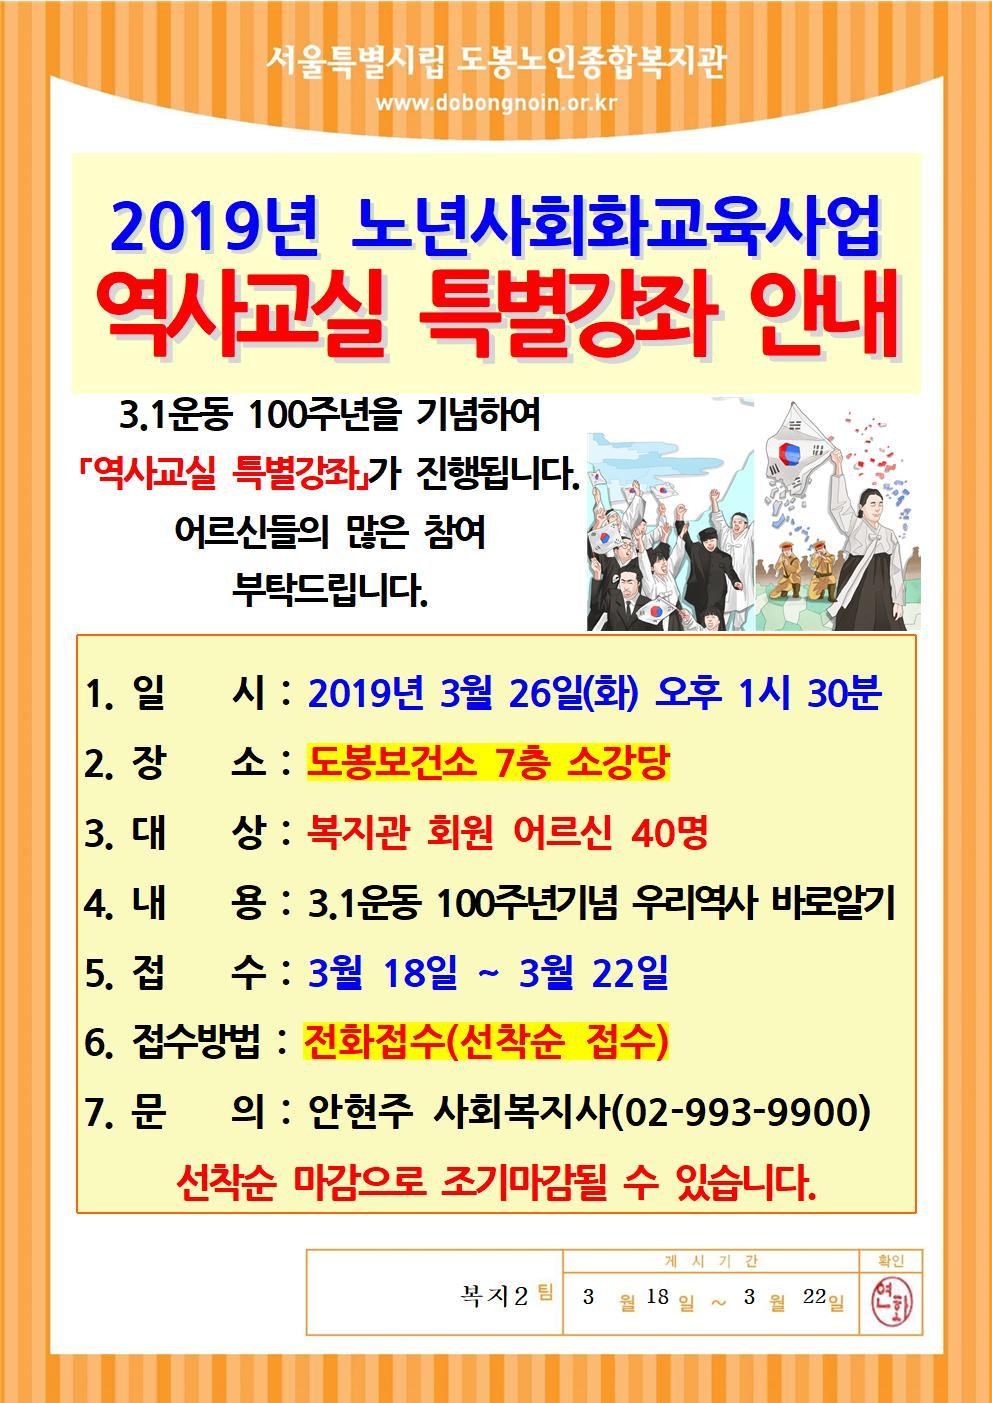 역사교실특강 신청 안내문001.jpg